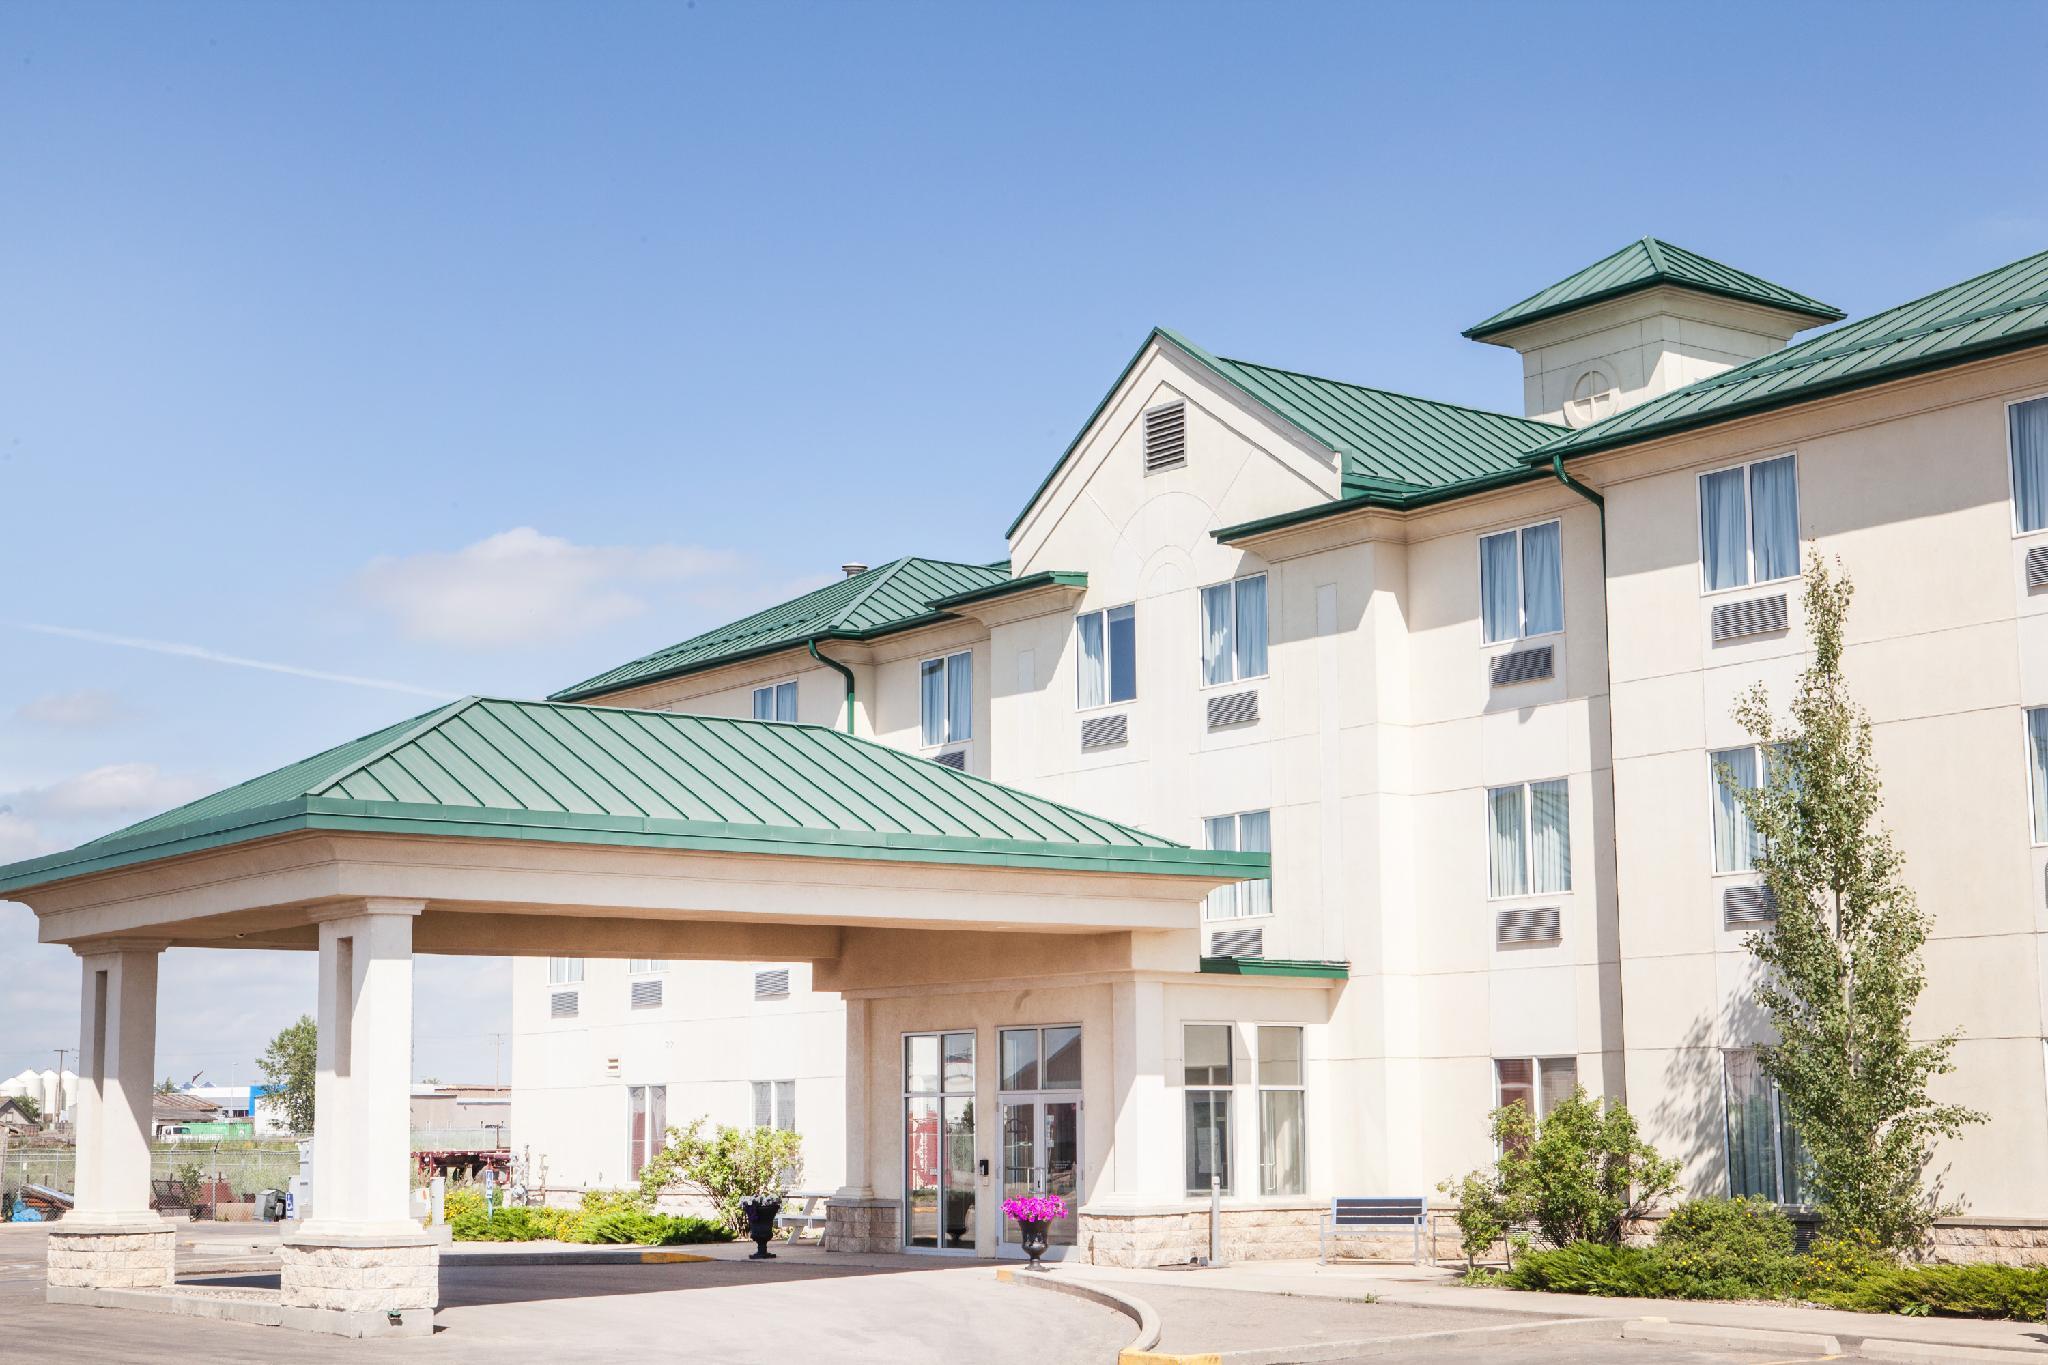 Hotel Estevan